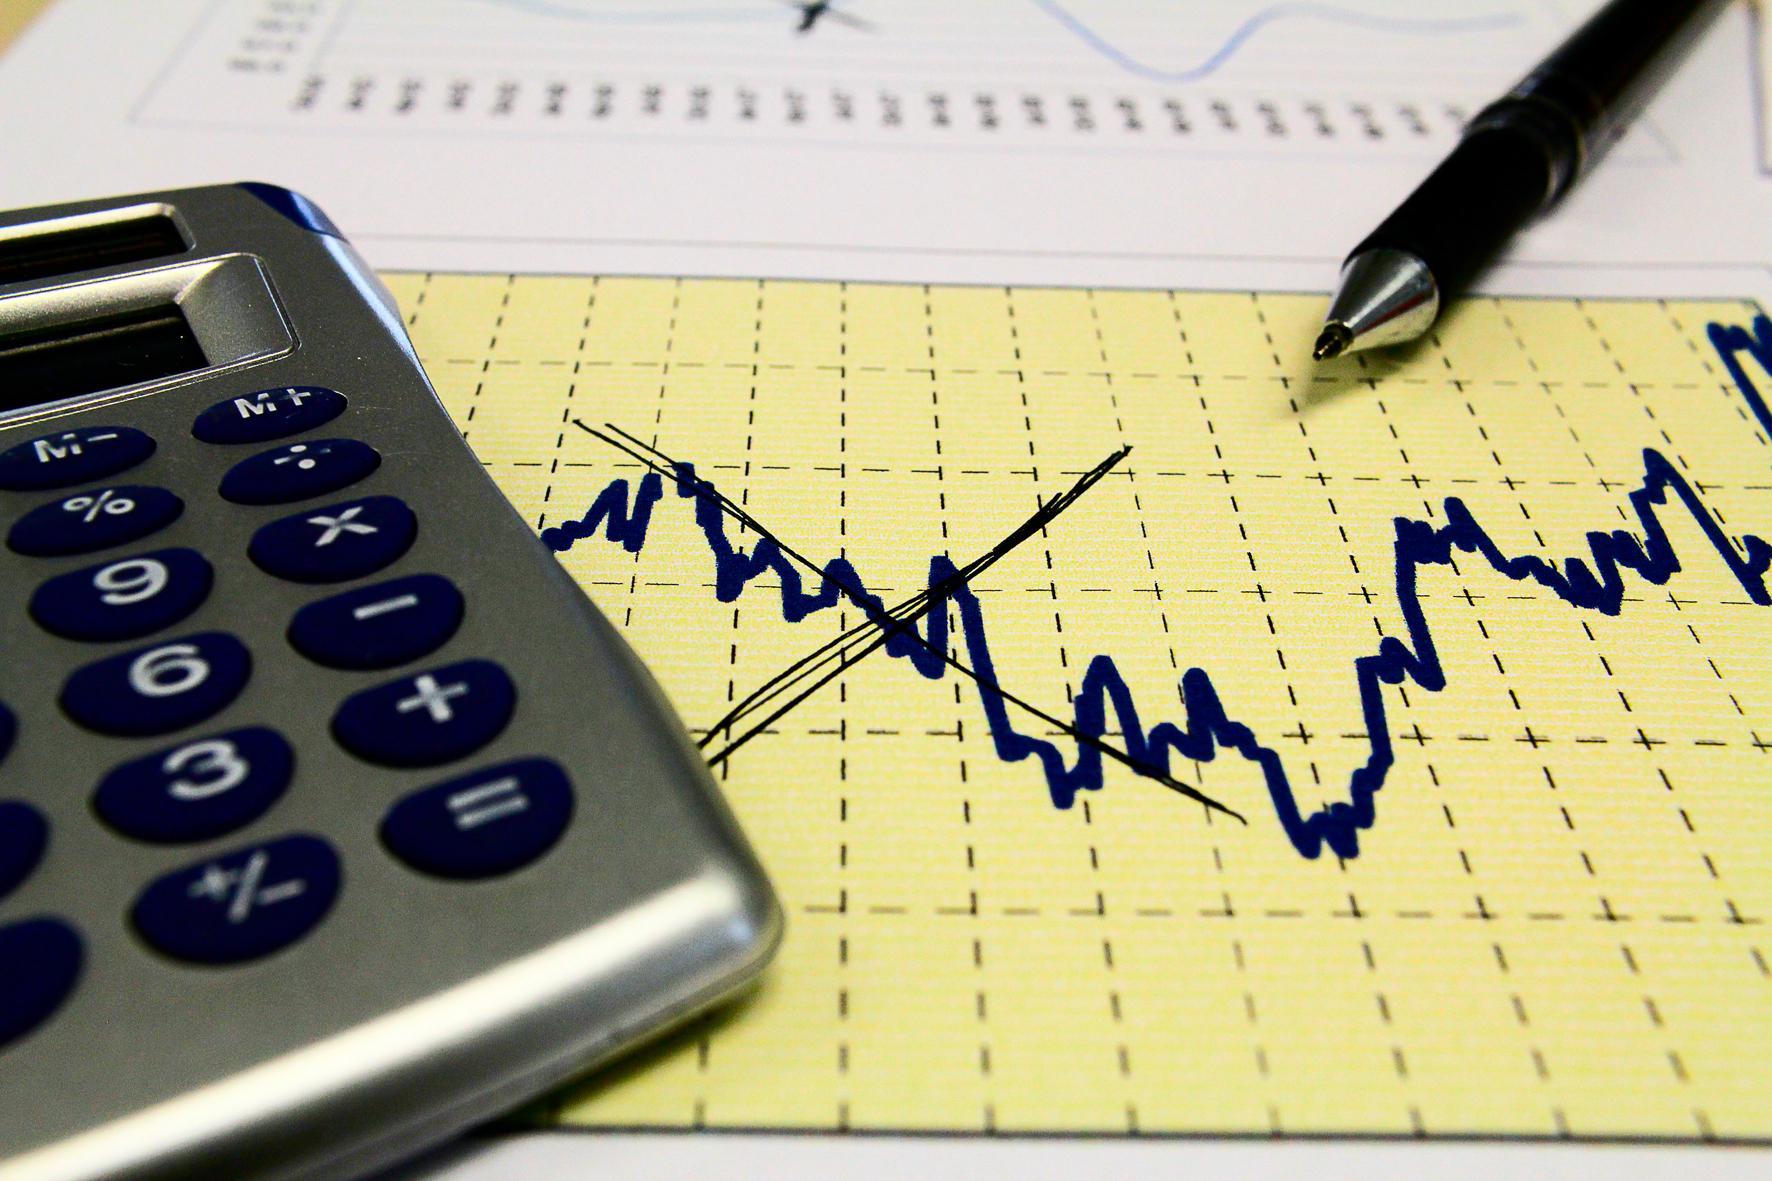 Decisão do STF sobre juros afetará os consumidores, avaliam especialistas